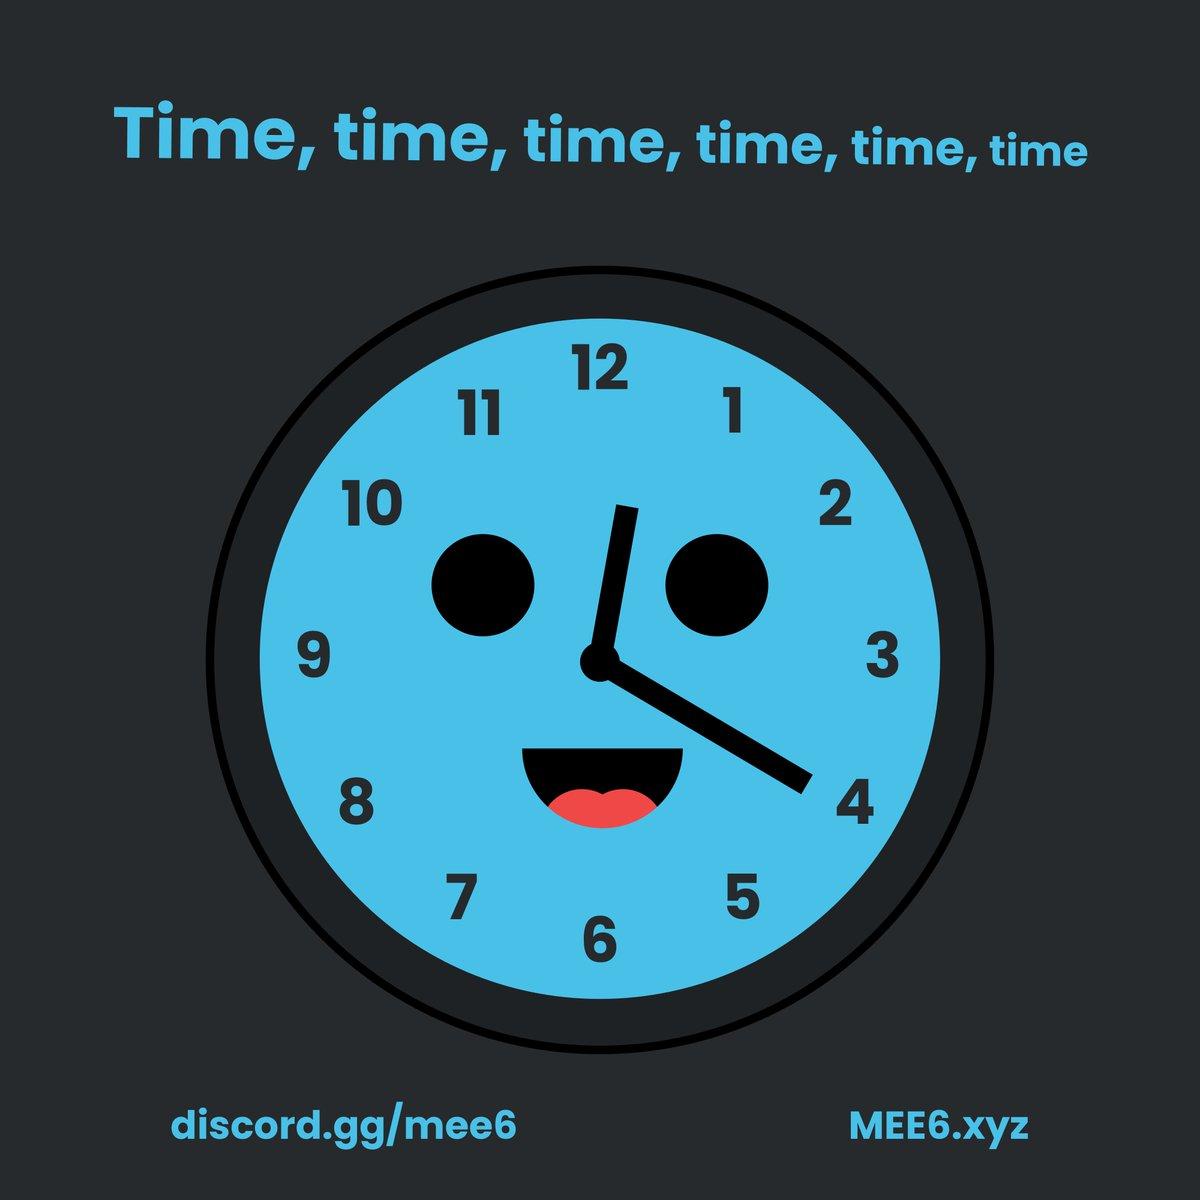 MEE6 on Twitter: